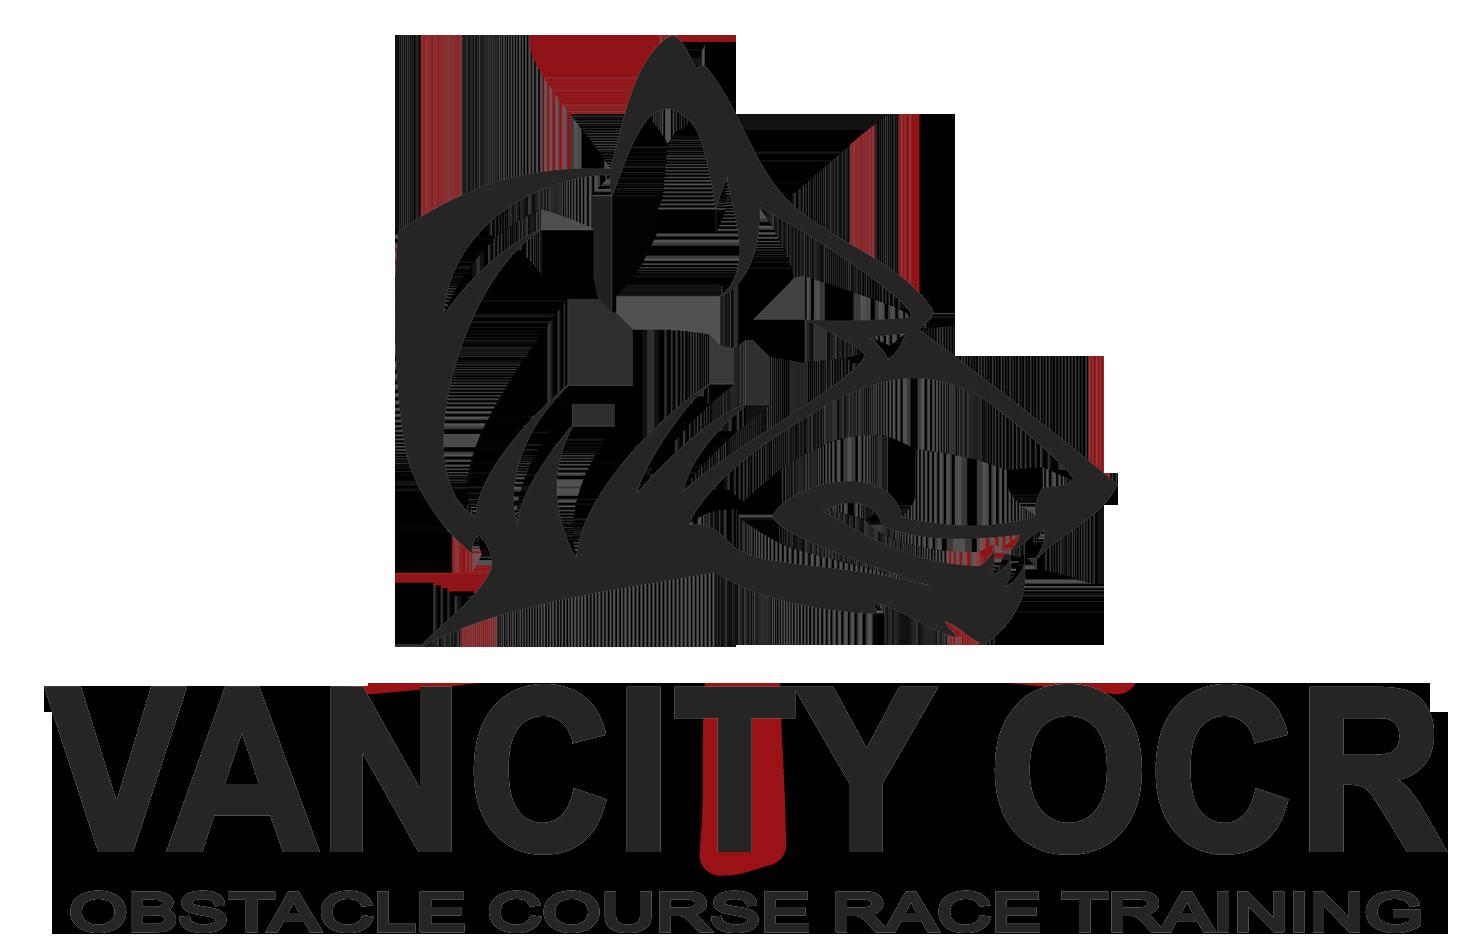 Van City OCR